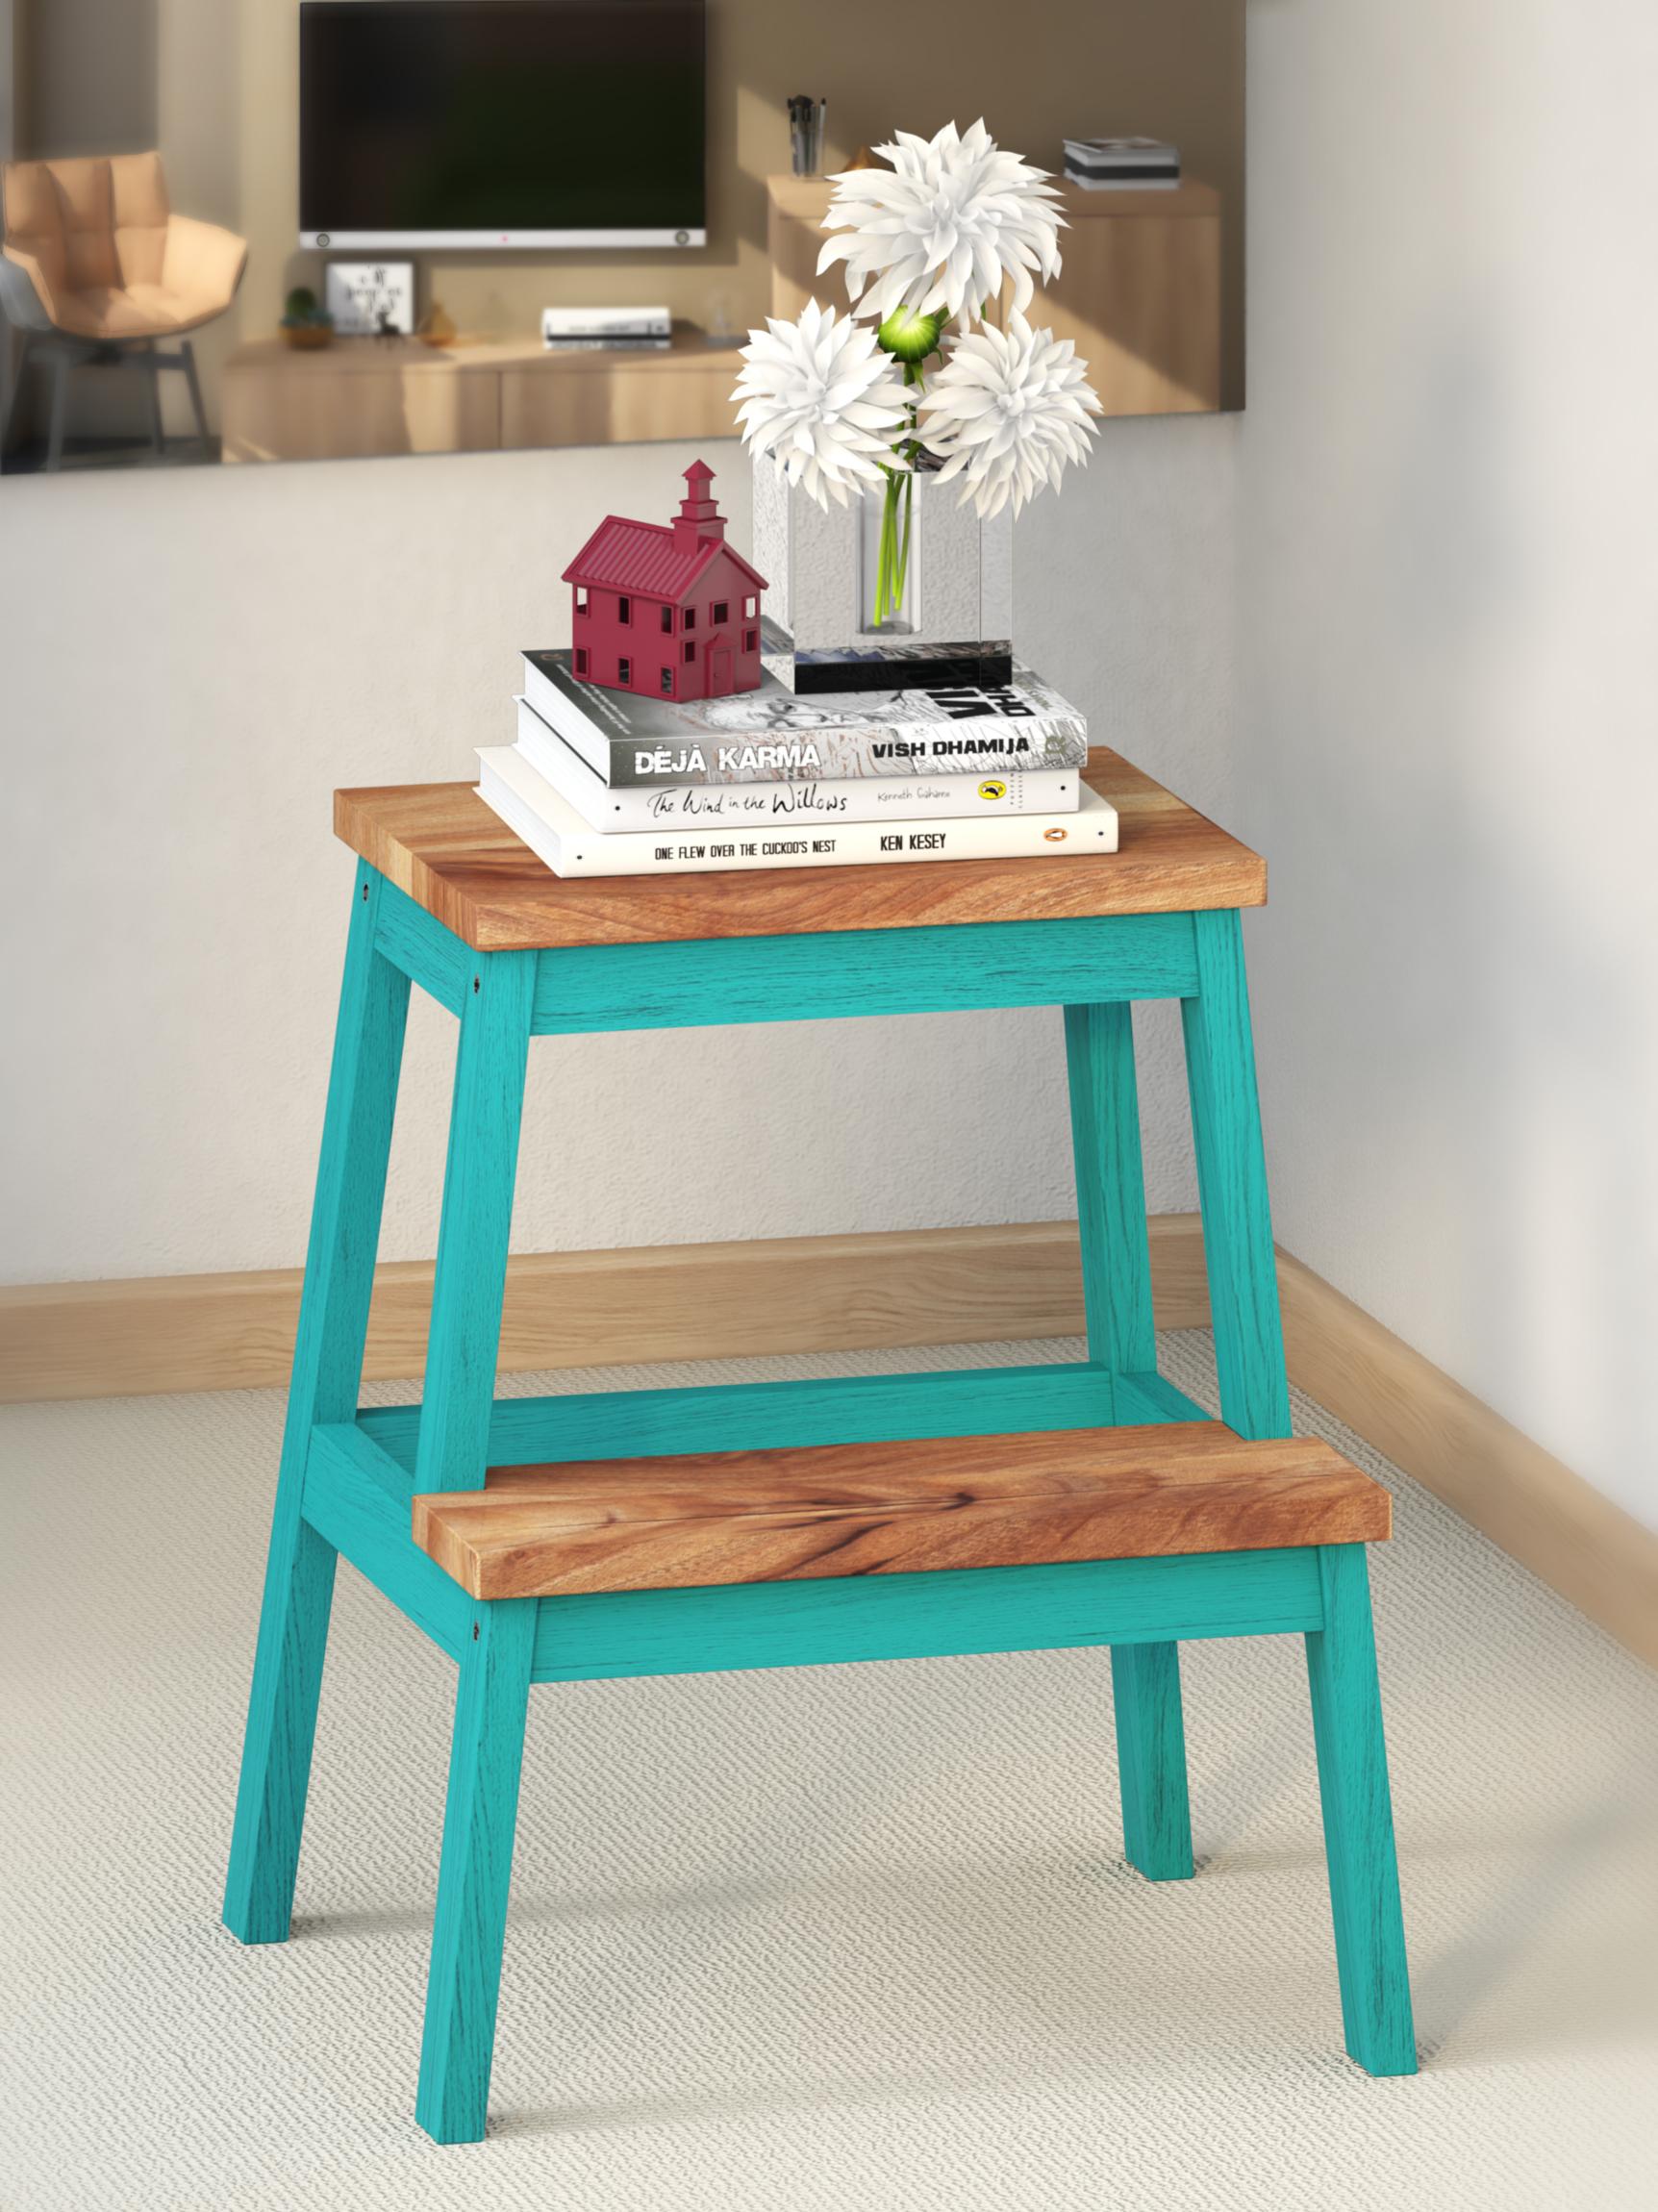 Дизайнеры мебели фрилансеры удаленная работа сайты фрилансеров